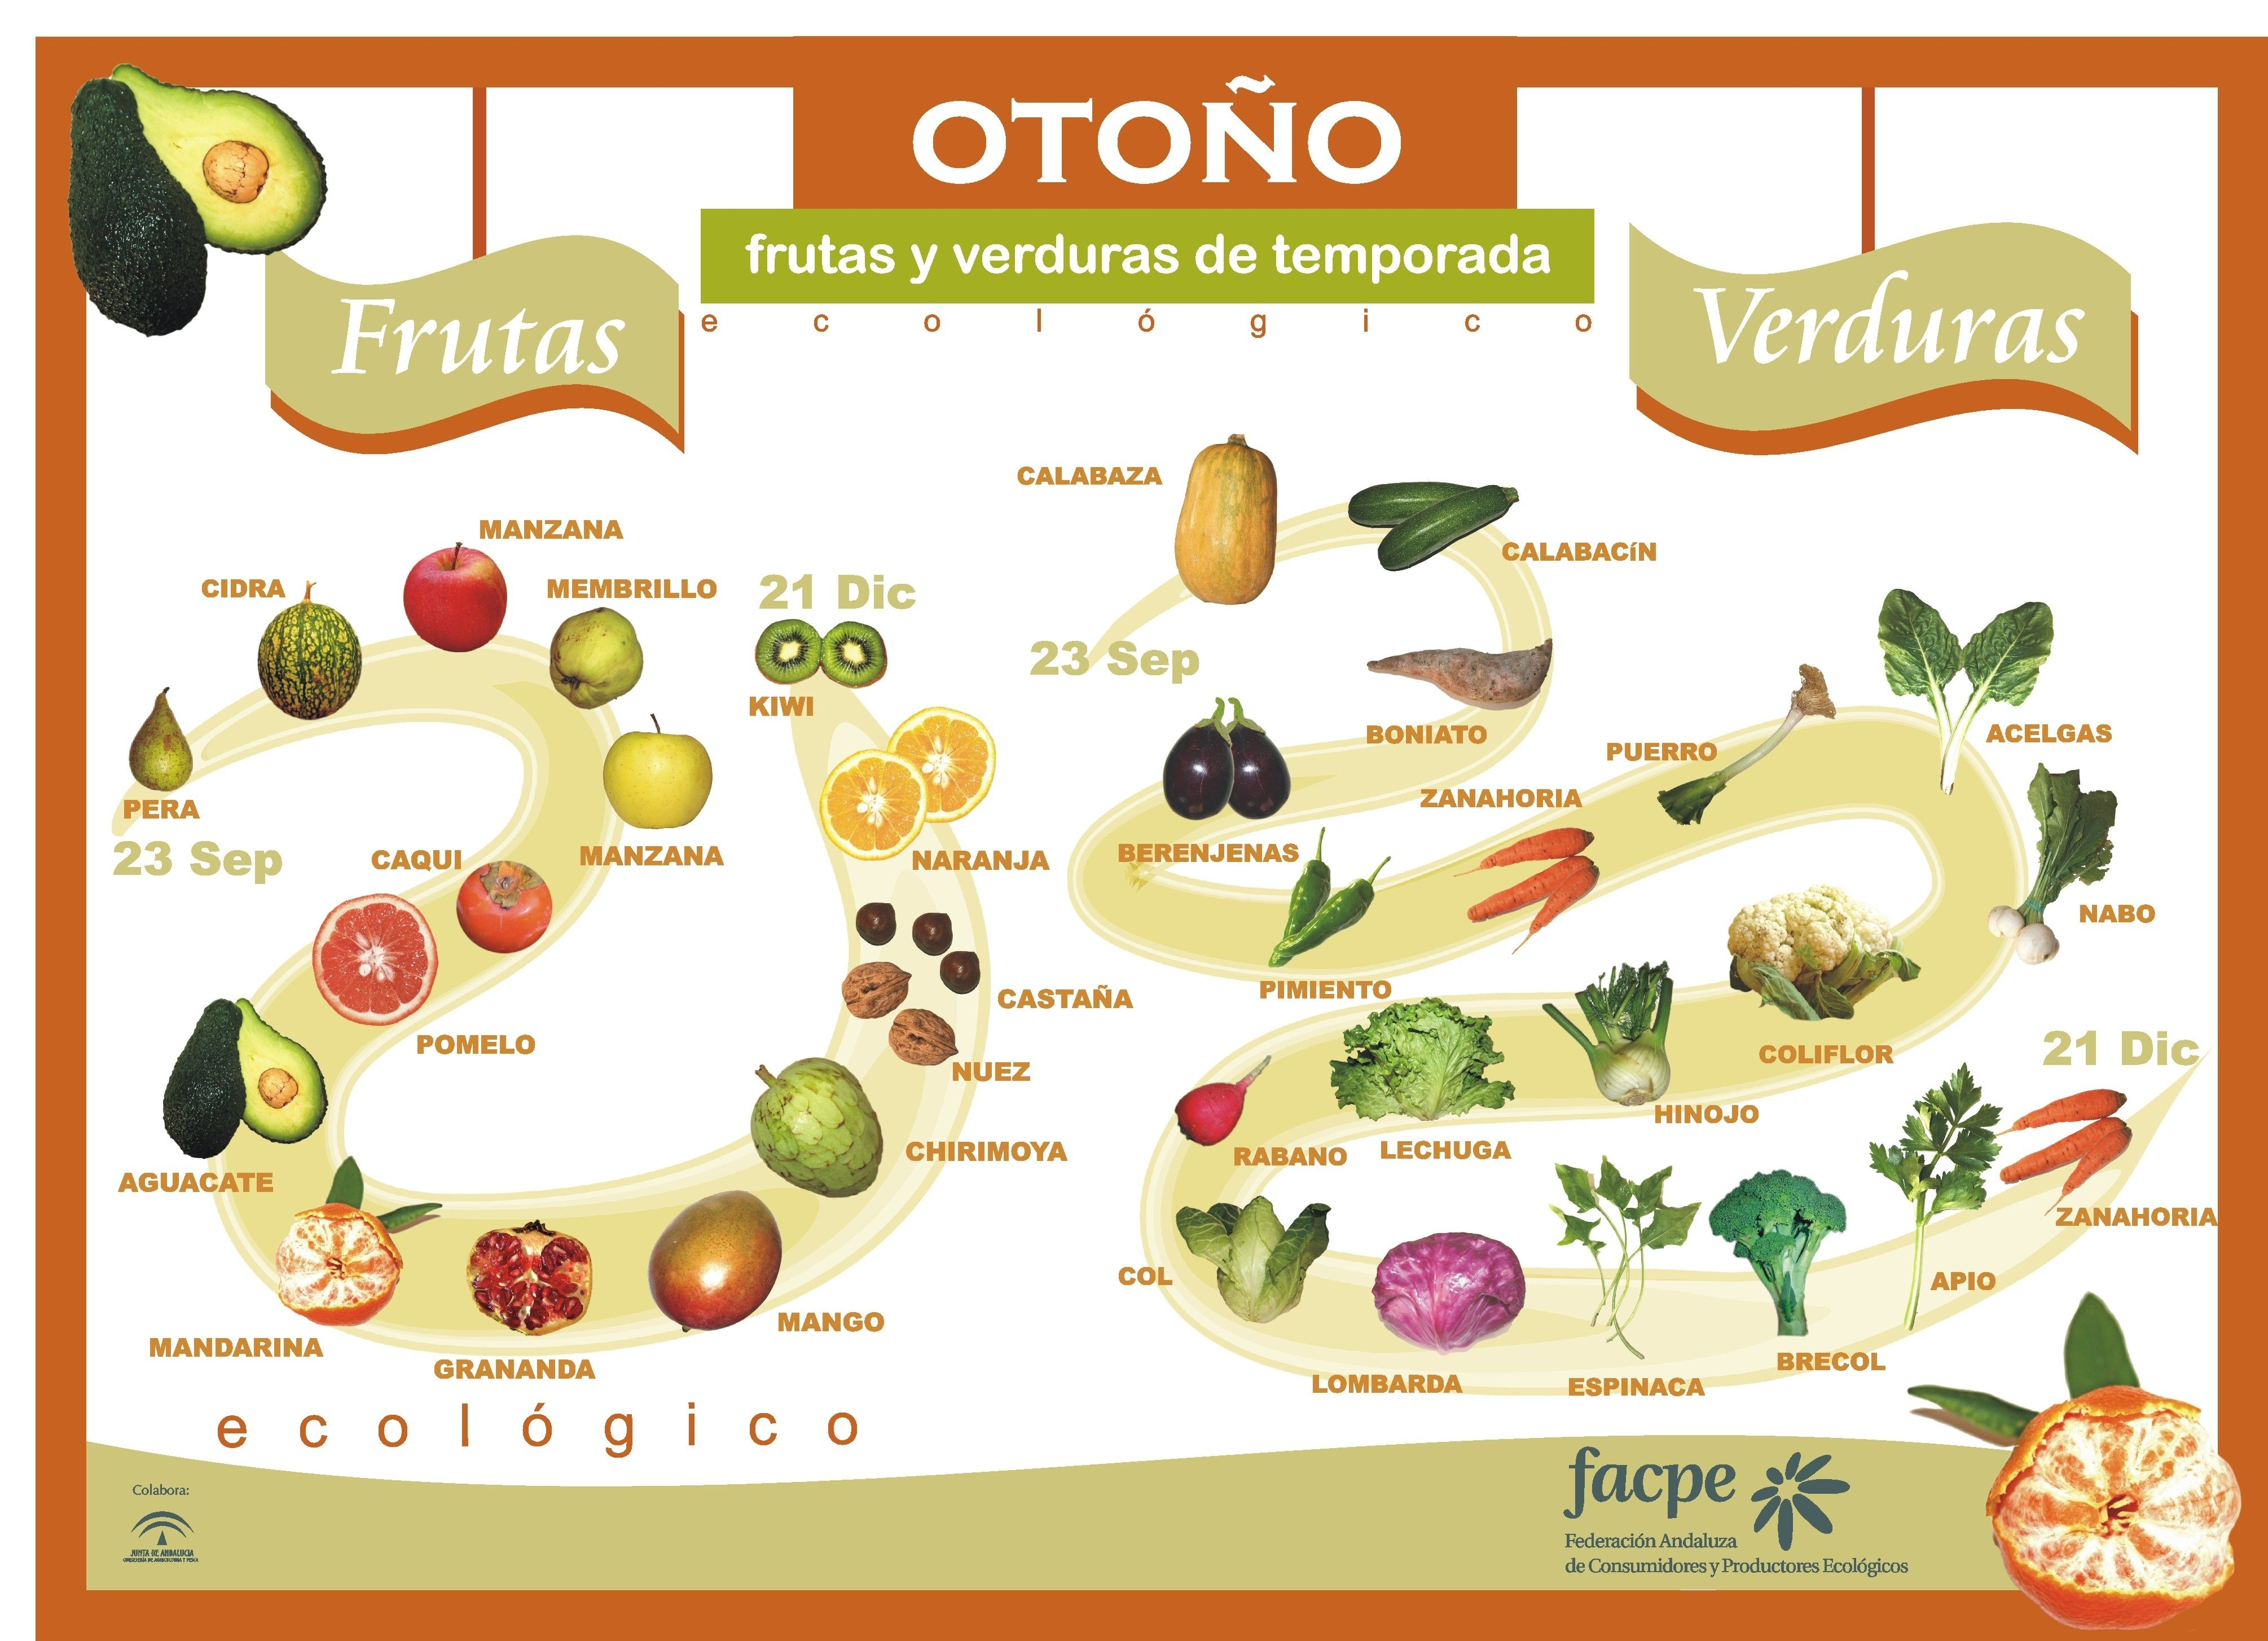 Otoño Frutas y verduras de temporada. http://www.pegonatura.es/